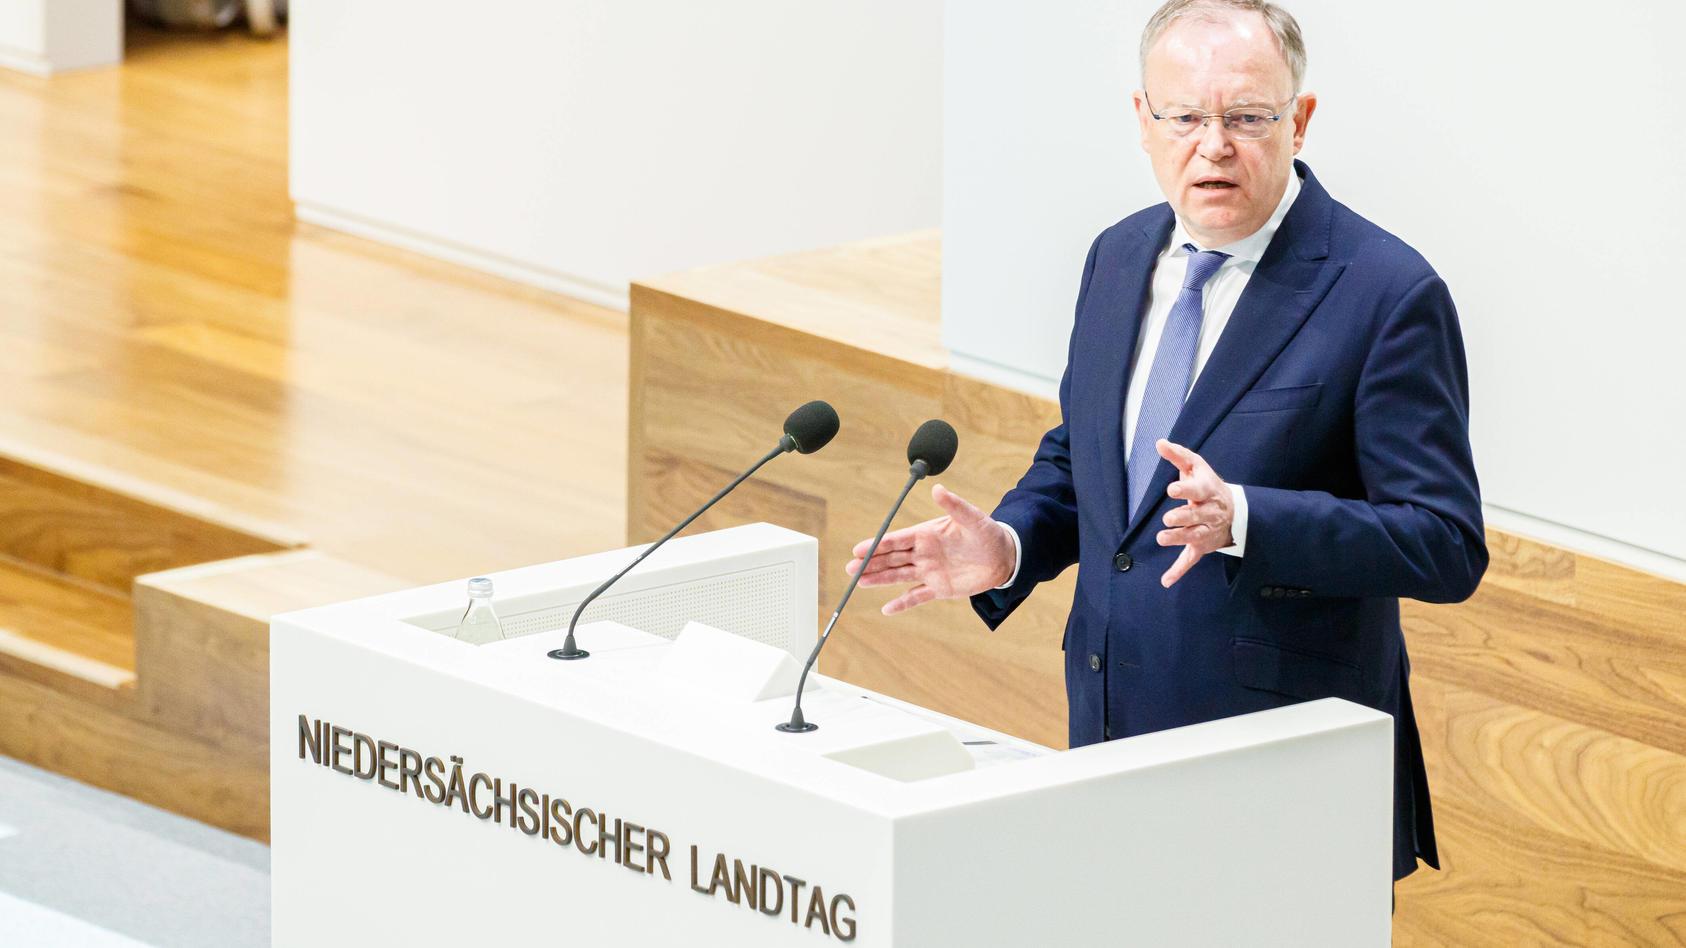 Niedersachsens Ministerpräsident Stephan Weil will über den Stand der Lockerungen sprechen.